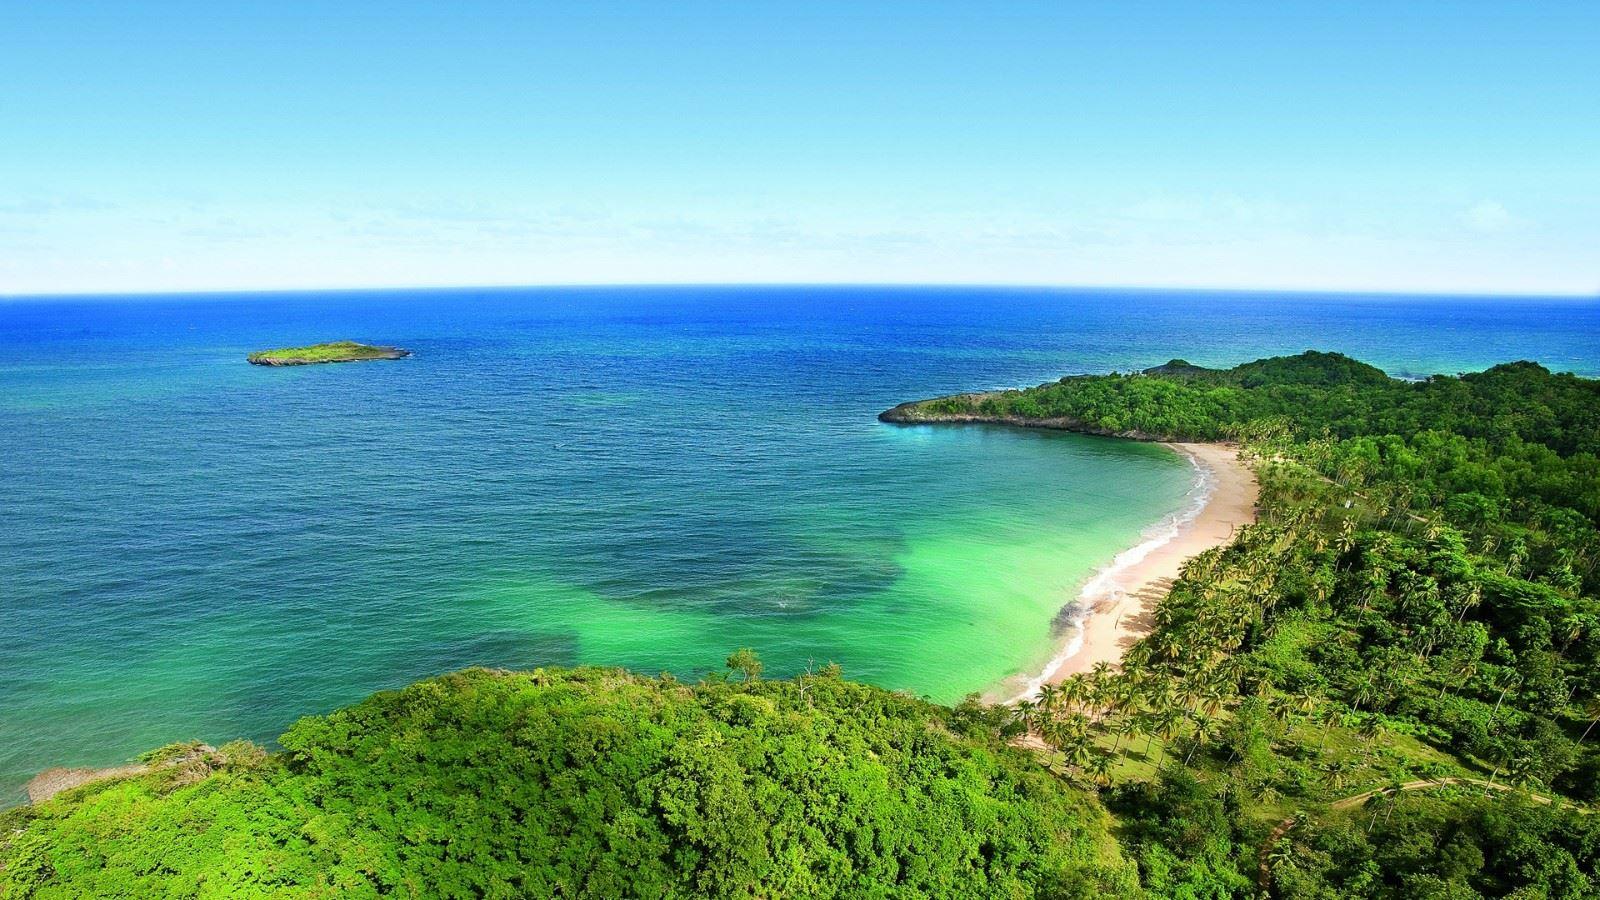 美丽的海洋,岛屿,棕榈树,风景桌面壁纸图片